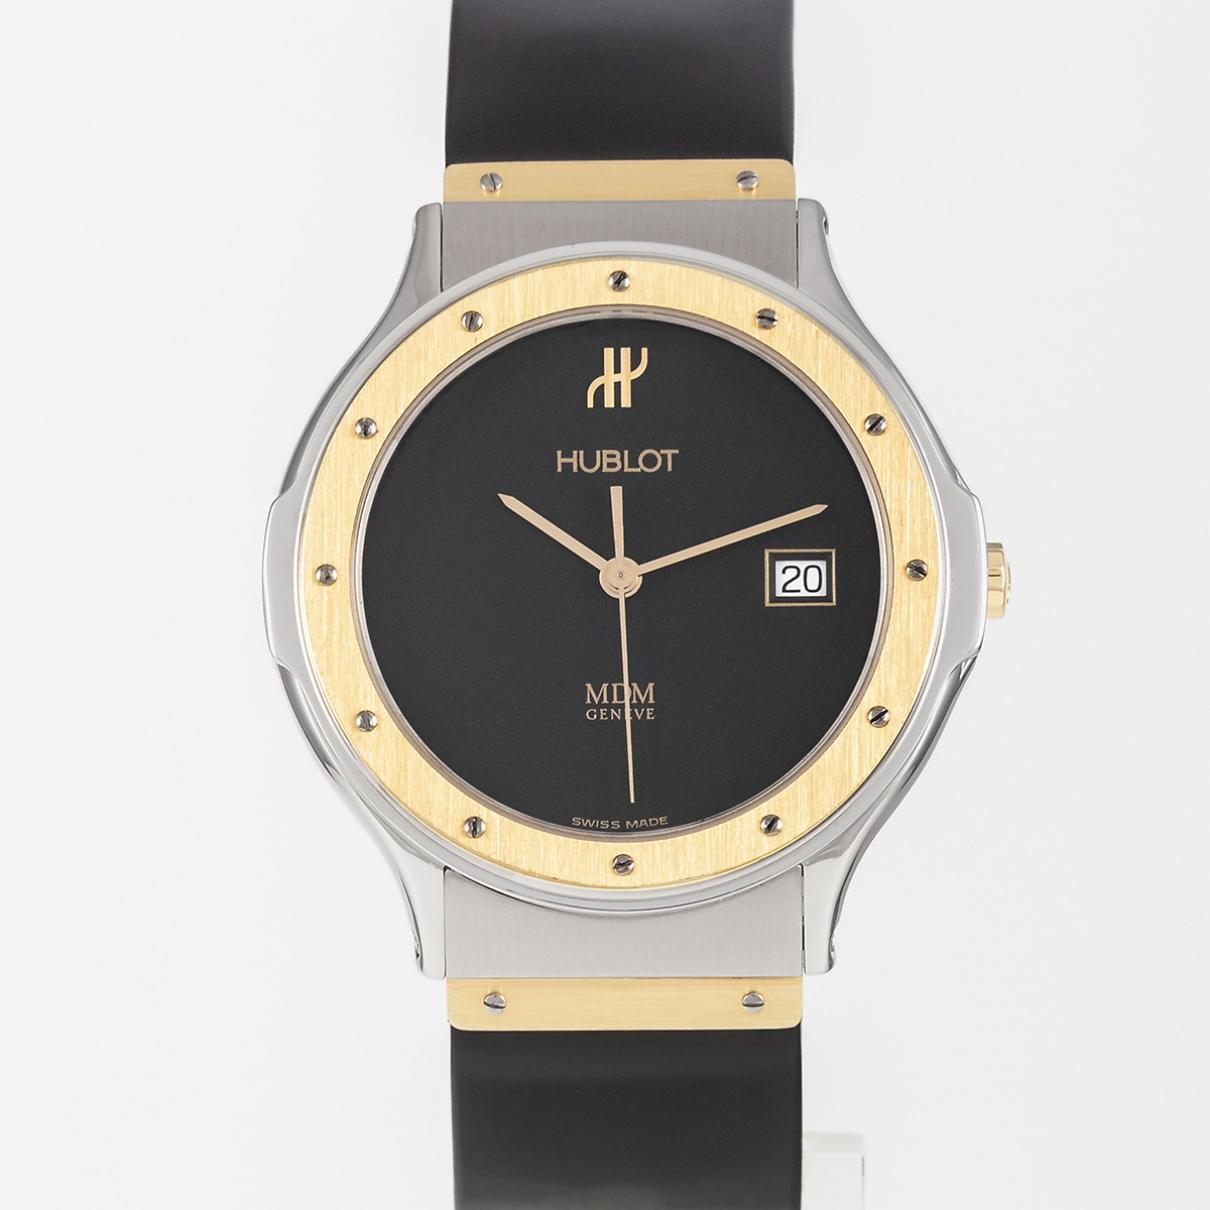 Hublot MDM Uhr in  Schwarz Gold und Stahl